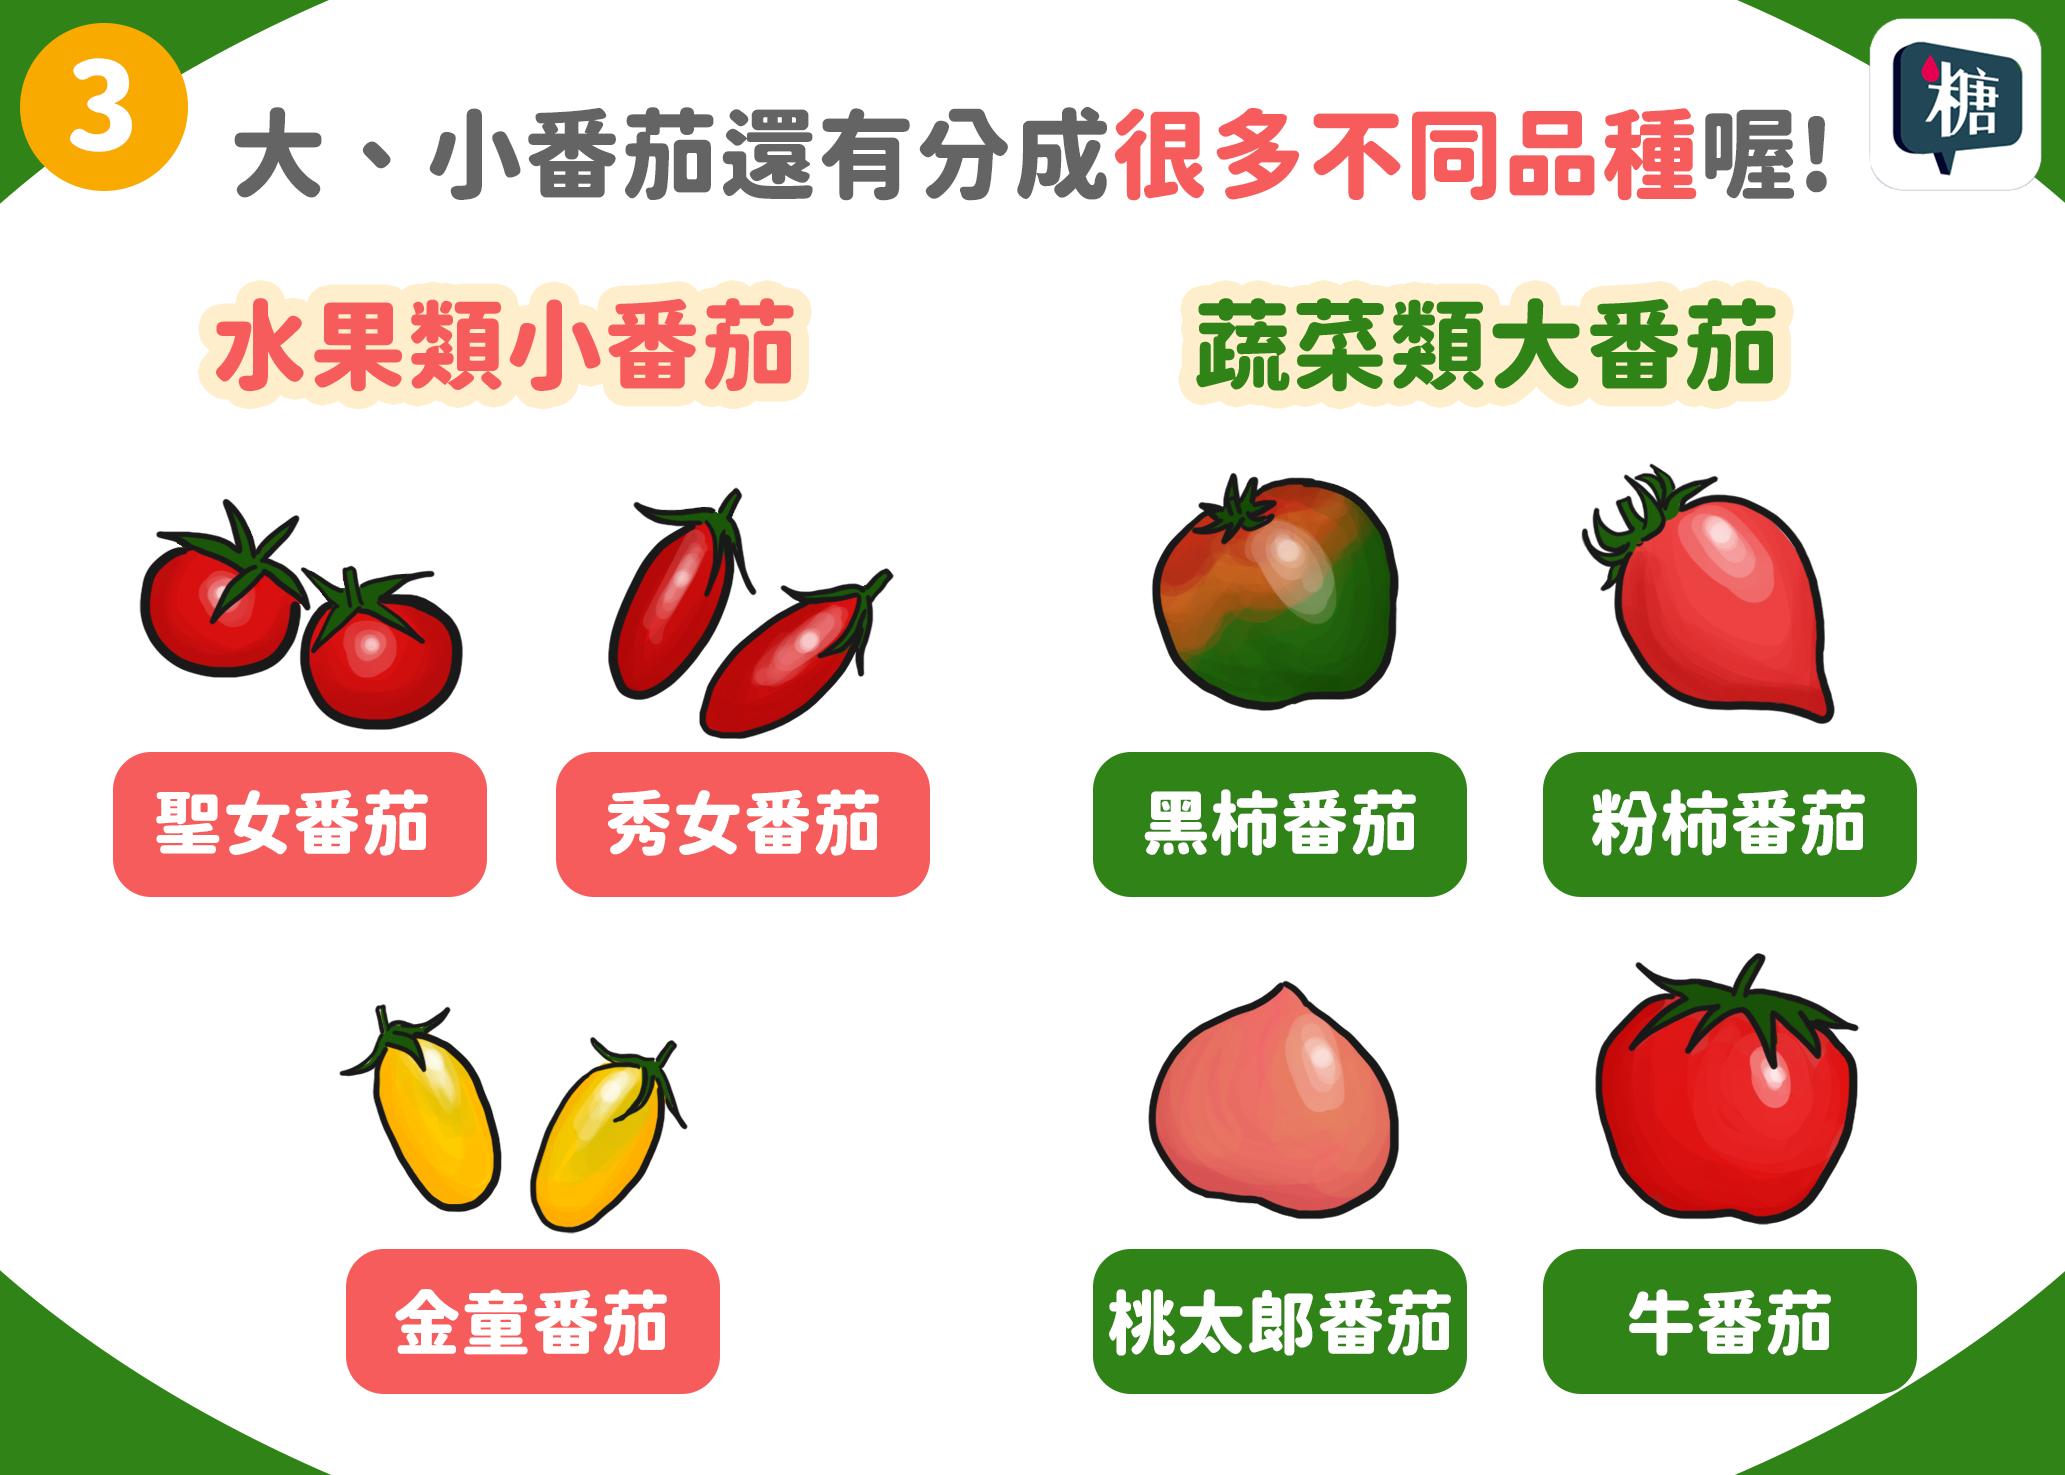 小番茄是水果類,大番茄是蔬菜類!